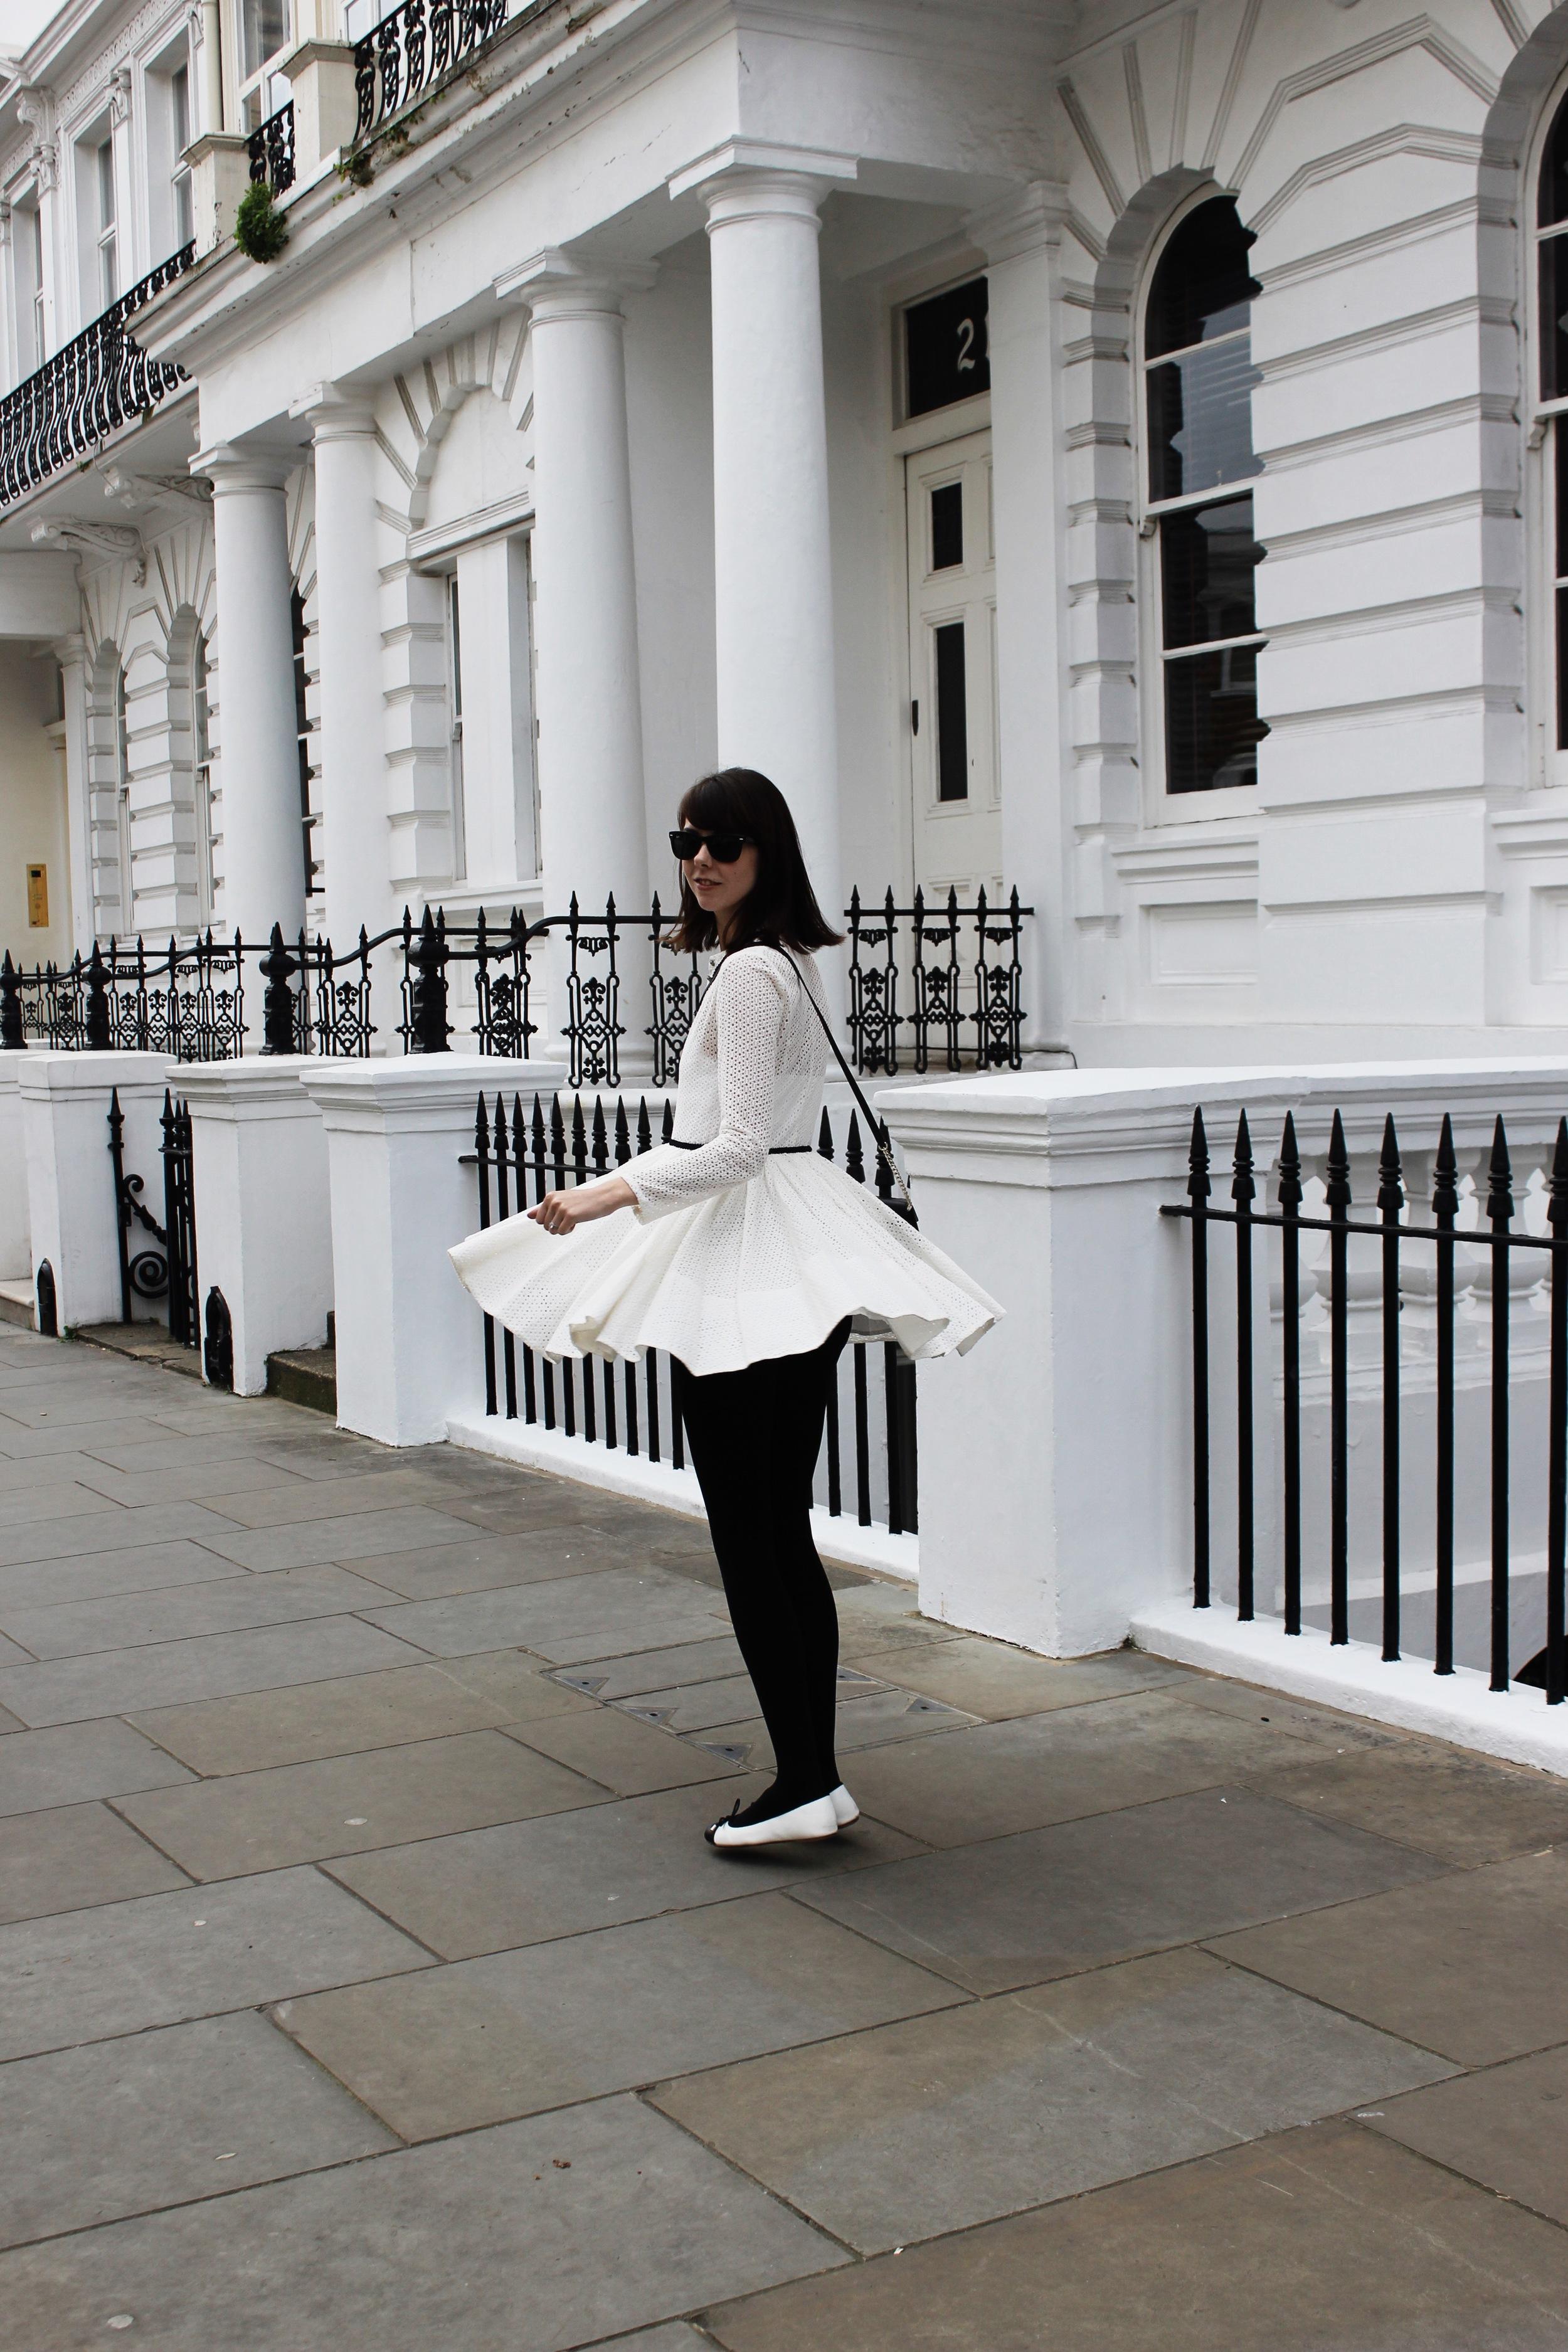 Lace in London - Maje Dress, Kate Spade Crossbody | Sundays and Somedays